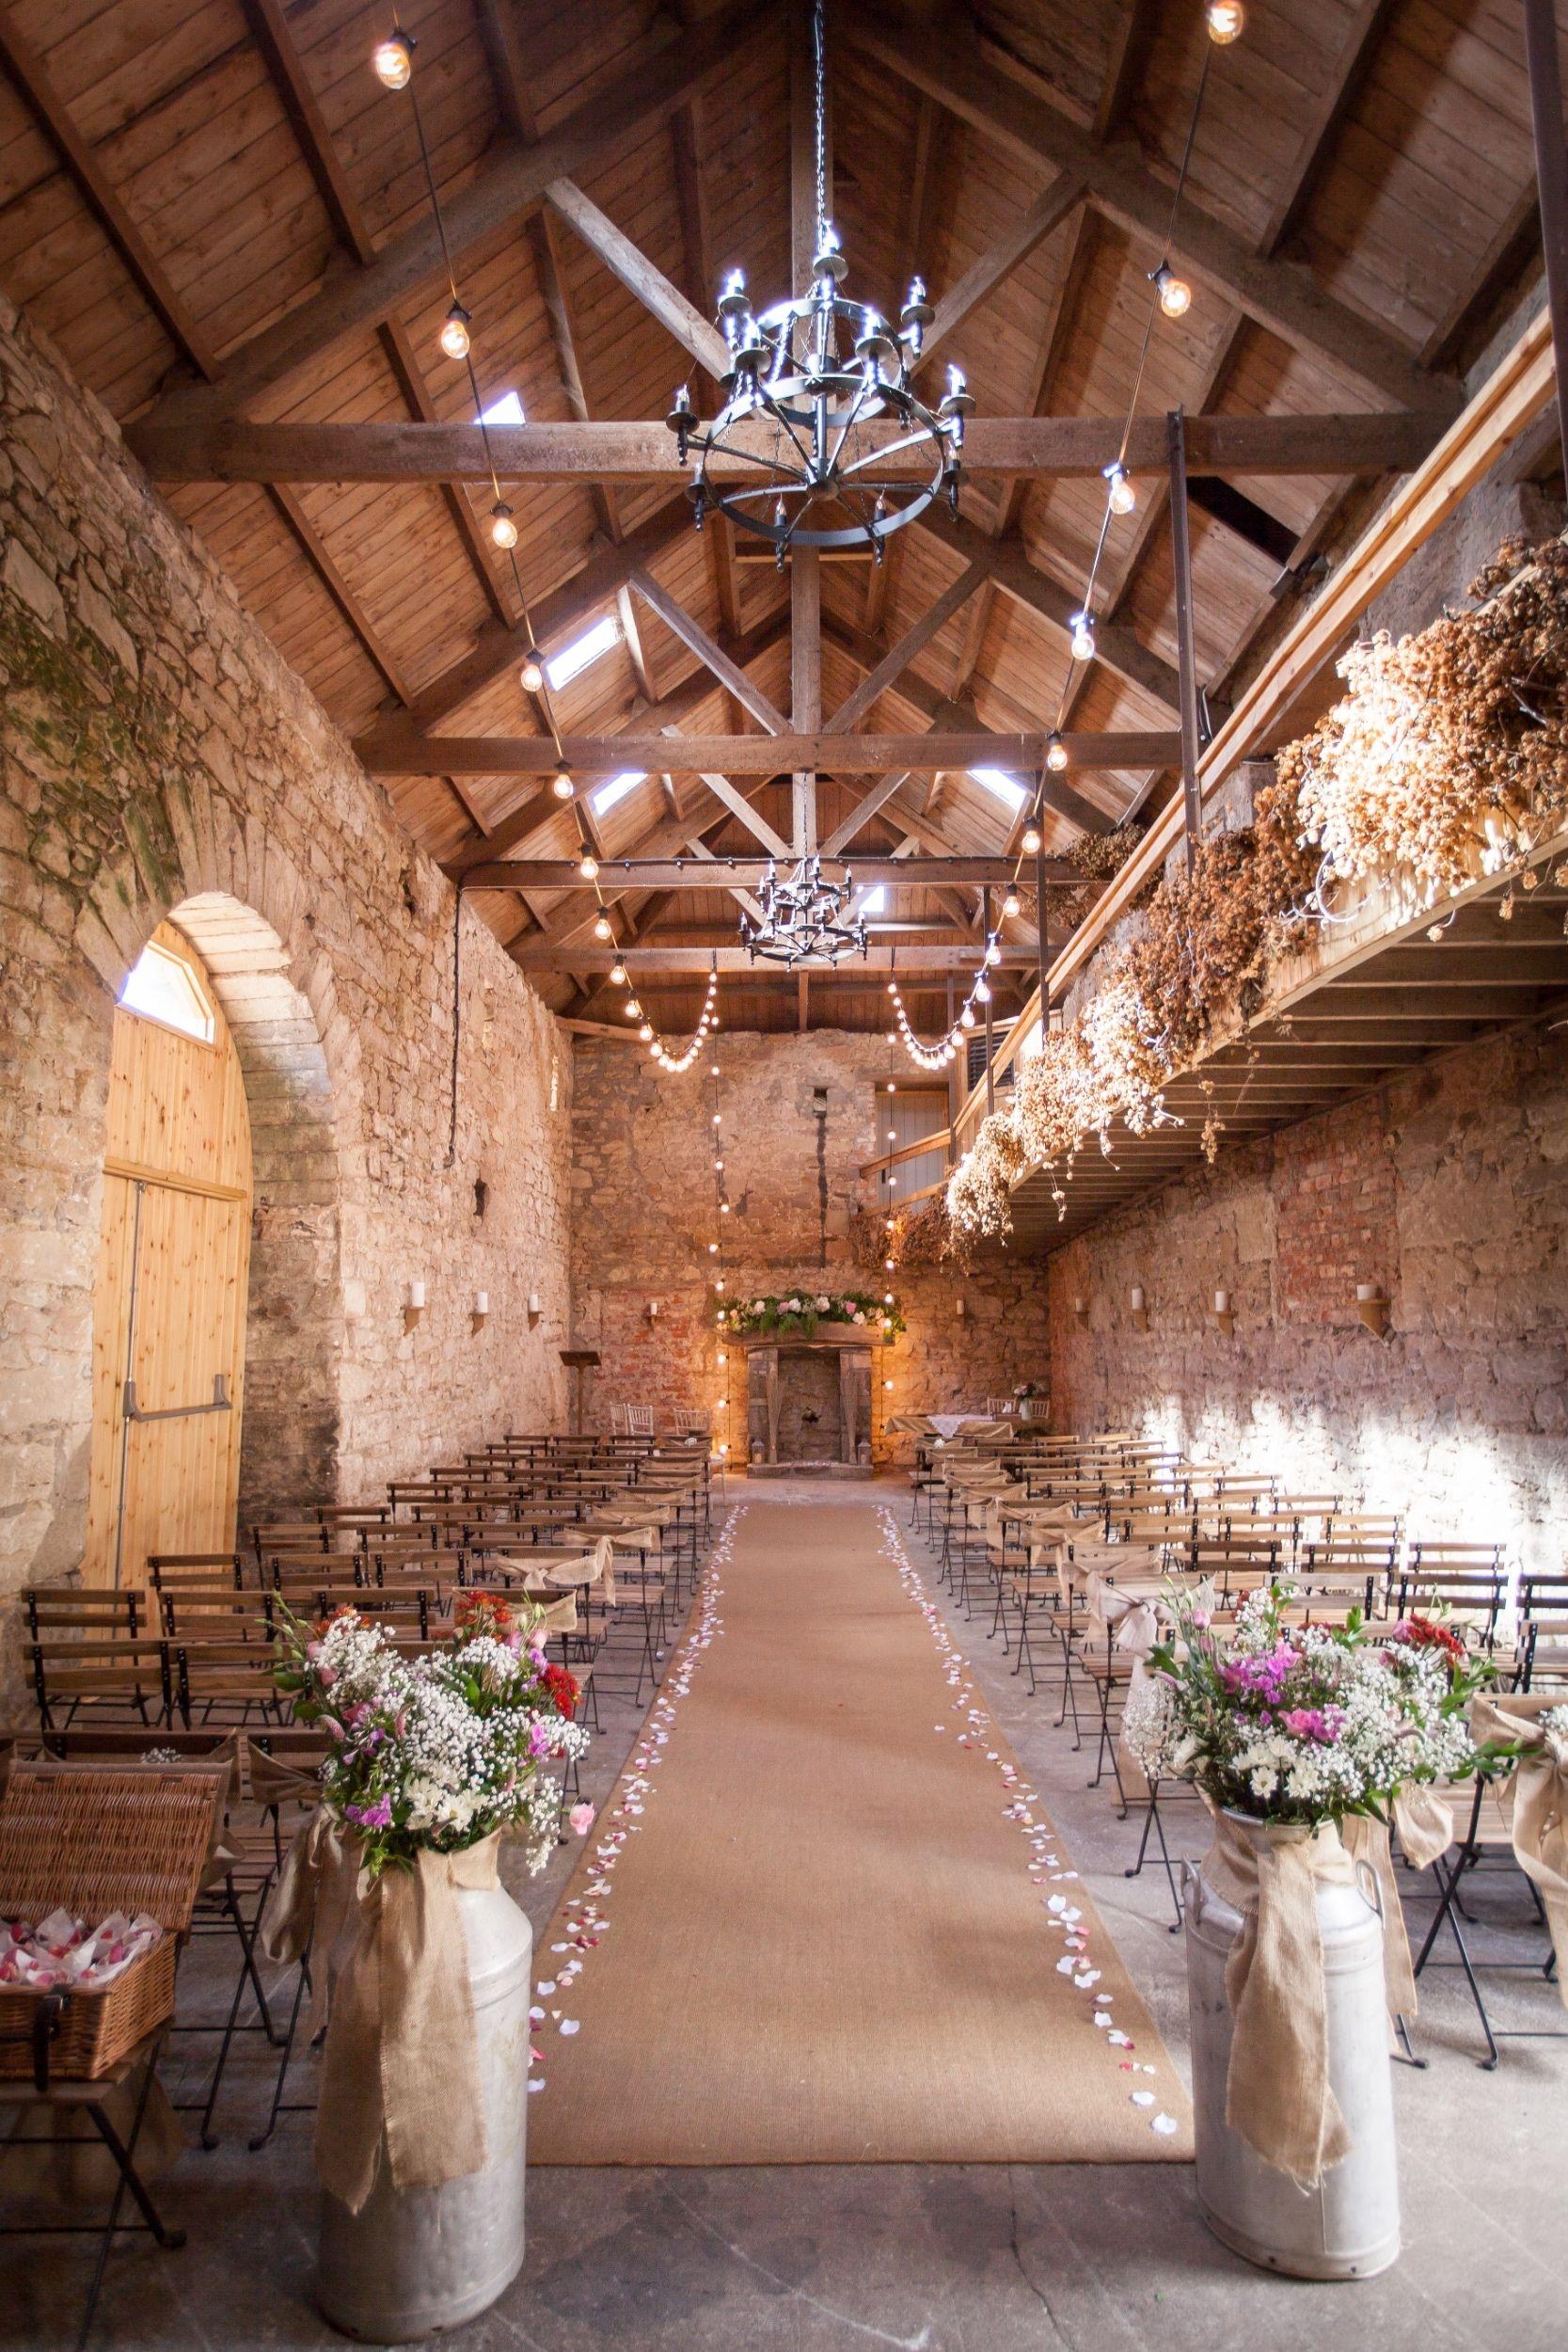 Doxford Barns Wedding Venue Alnwick, Northumberland #barnweddings